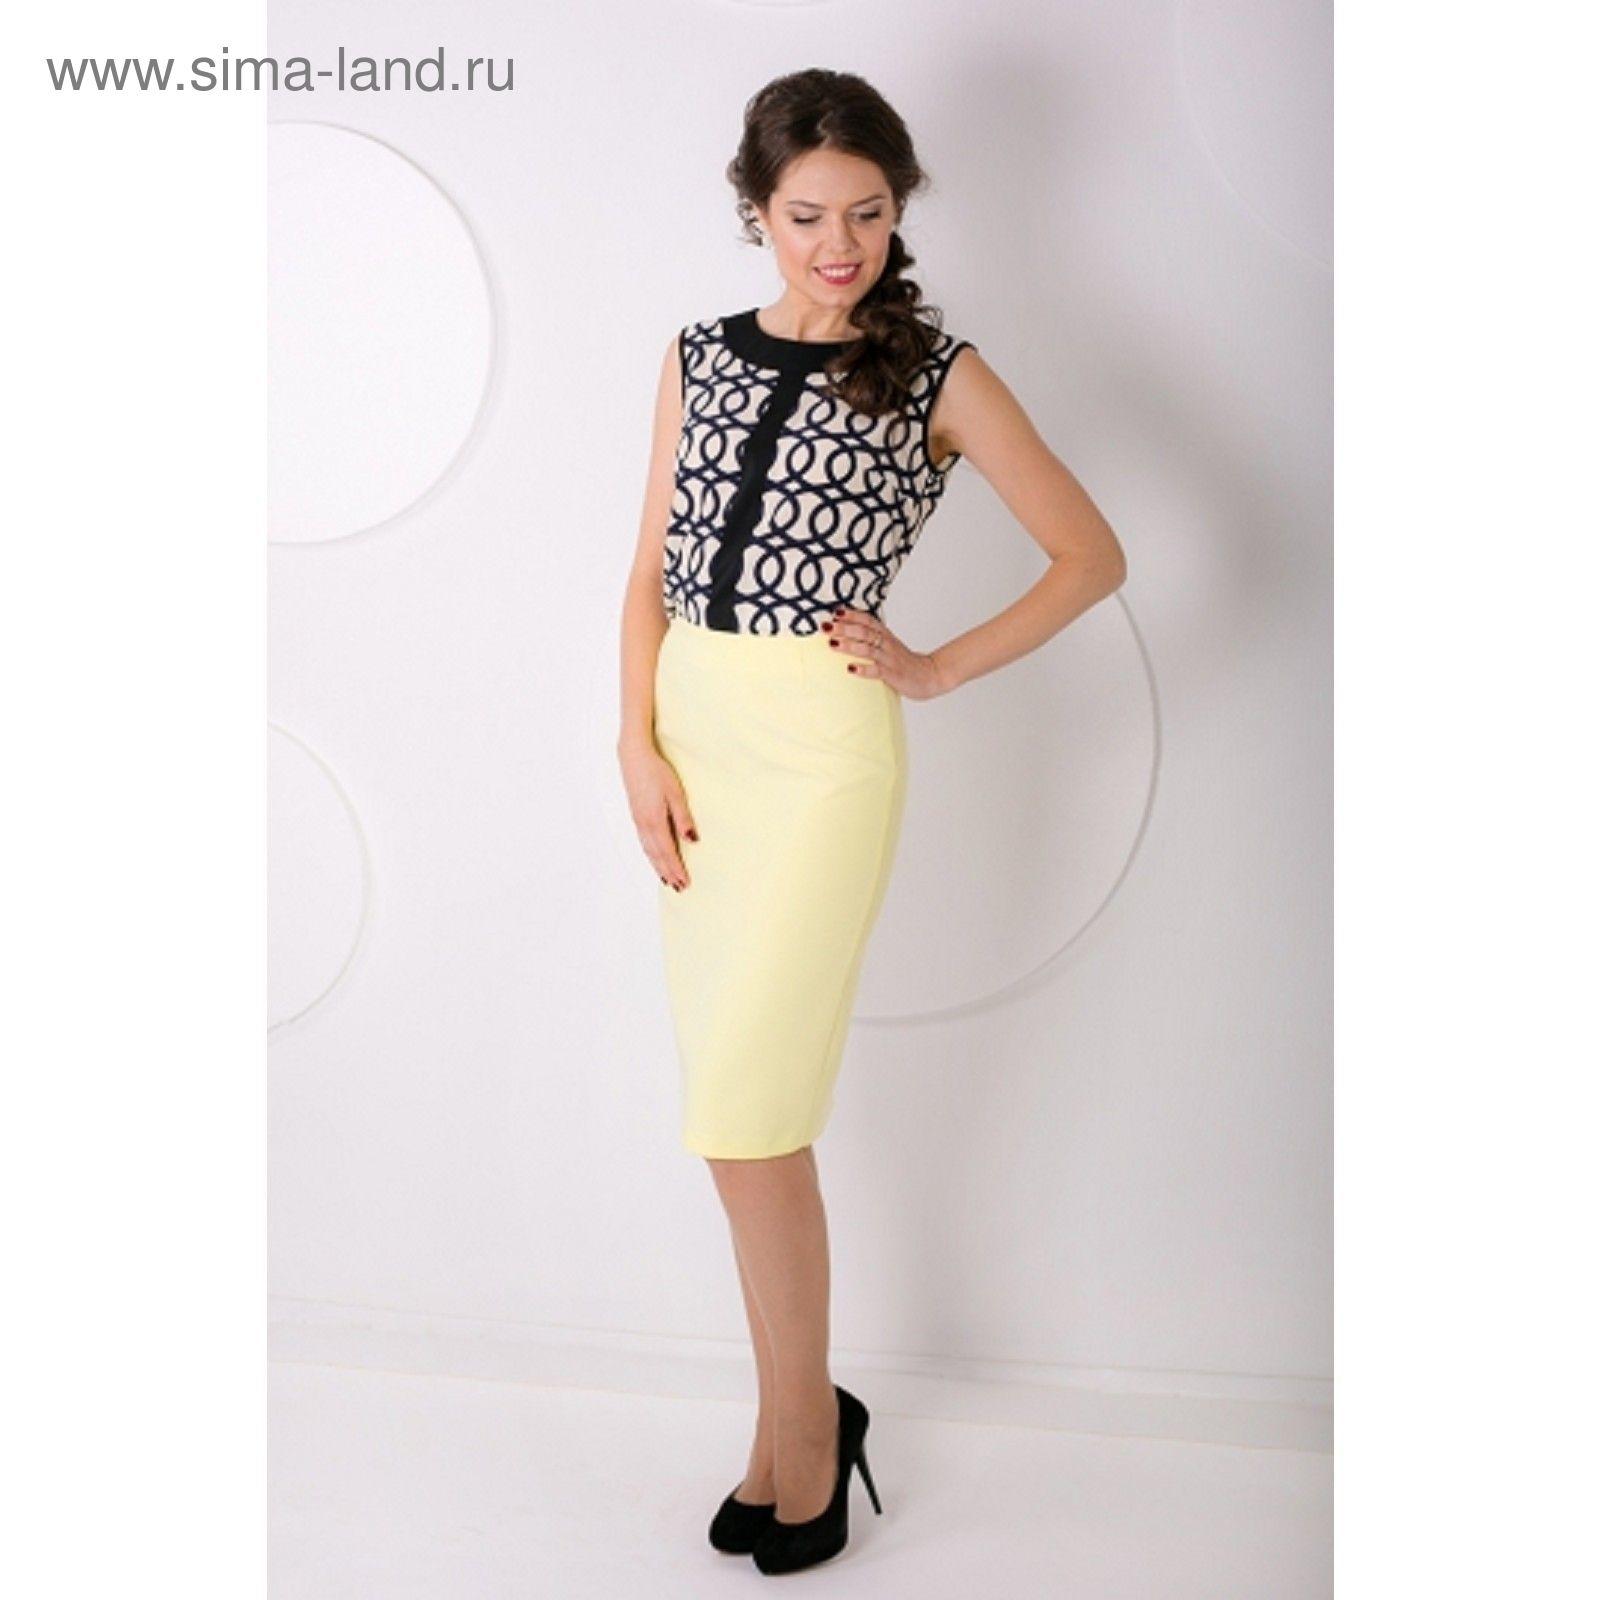 Юбка женская, размер 52, цвет жёлтый Ю-166 1 (1664335) - Купить по ... 8d710da0b94